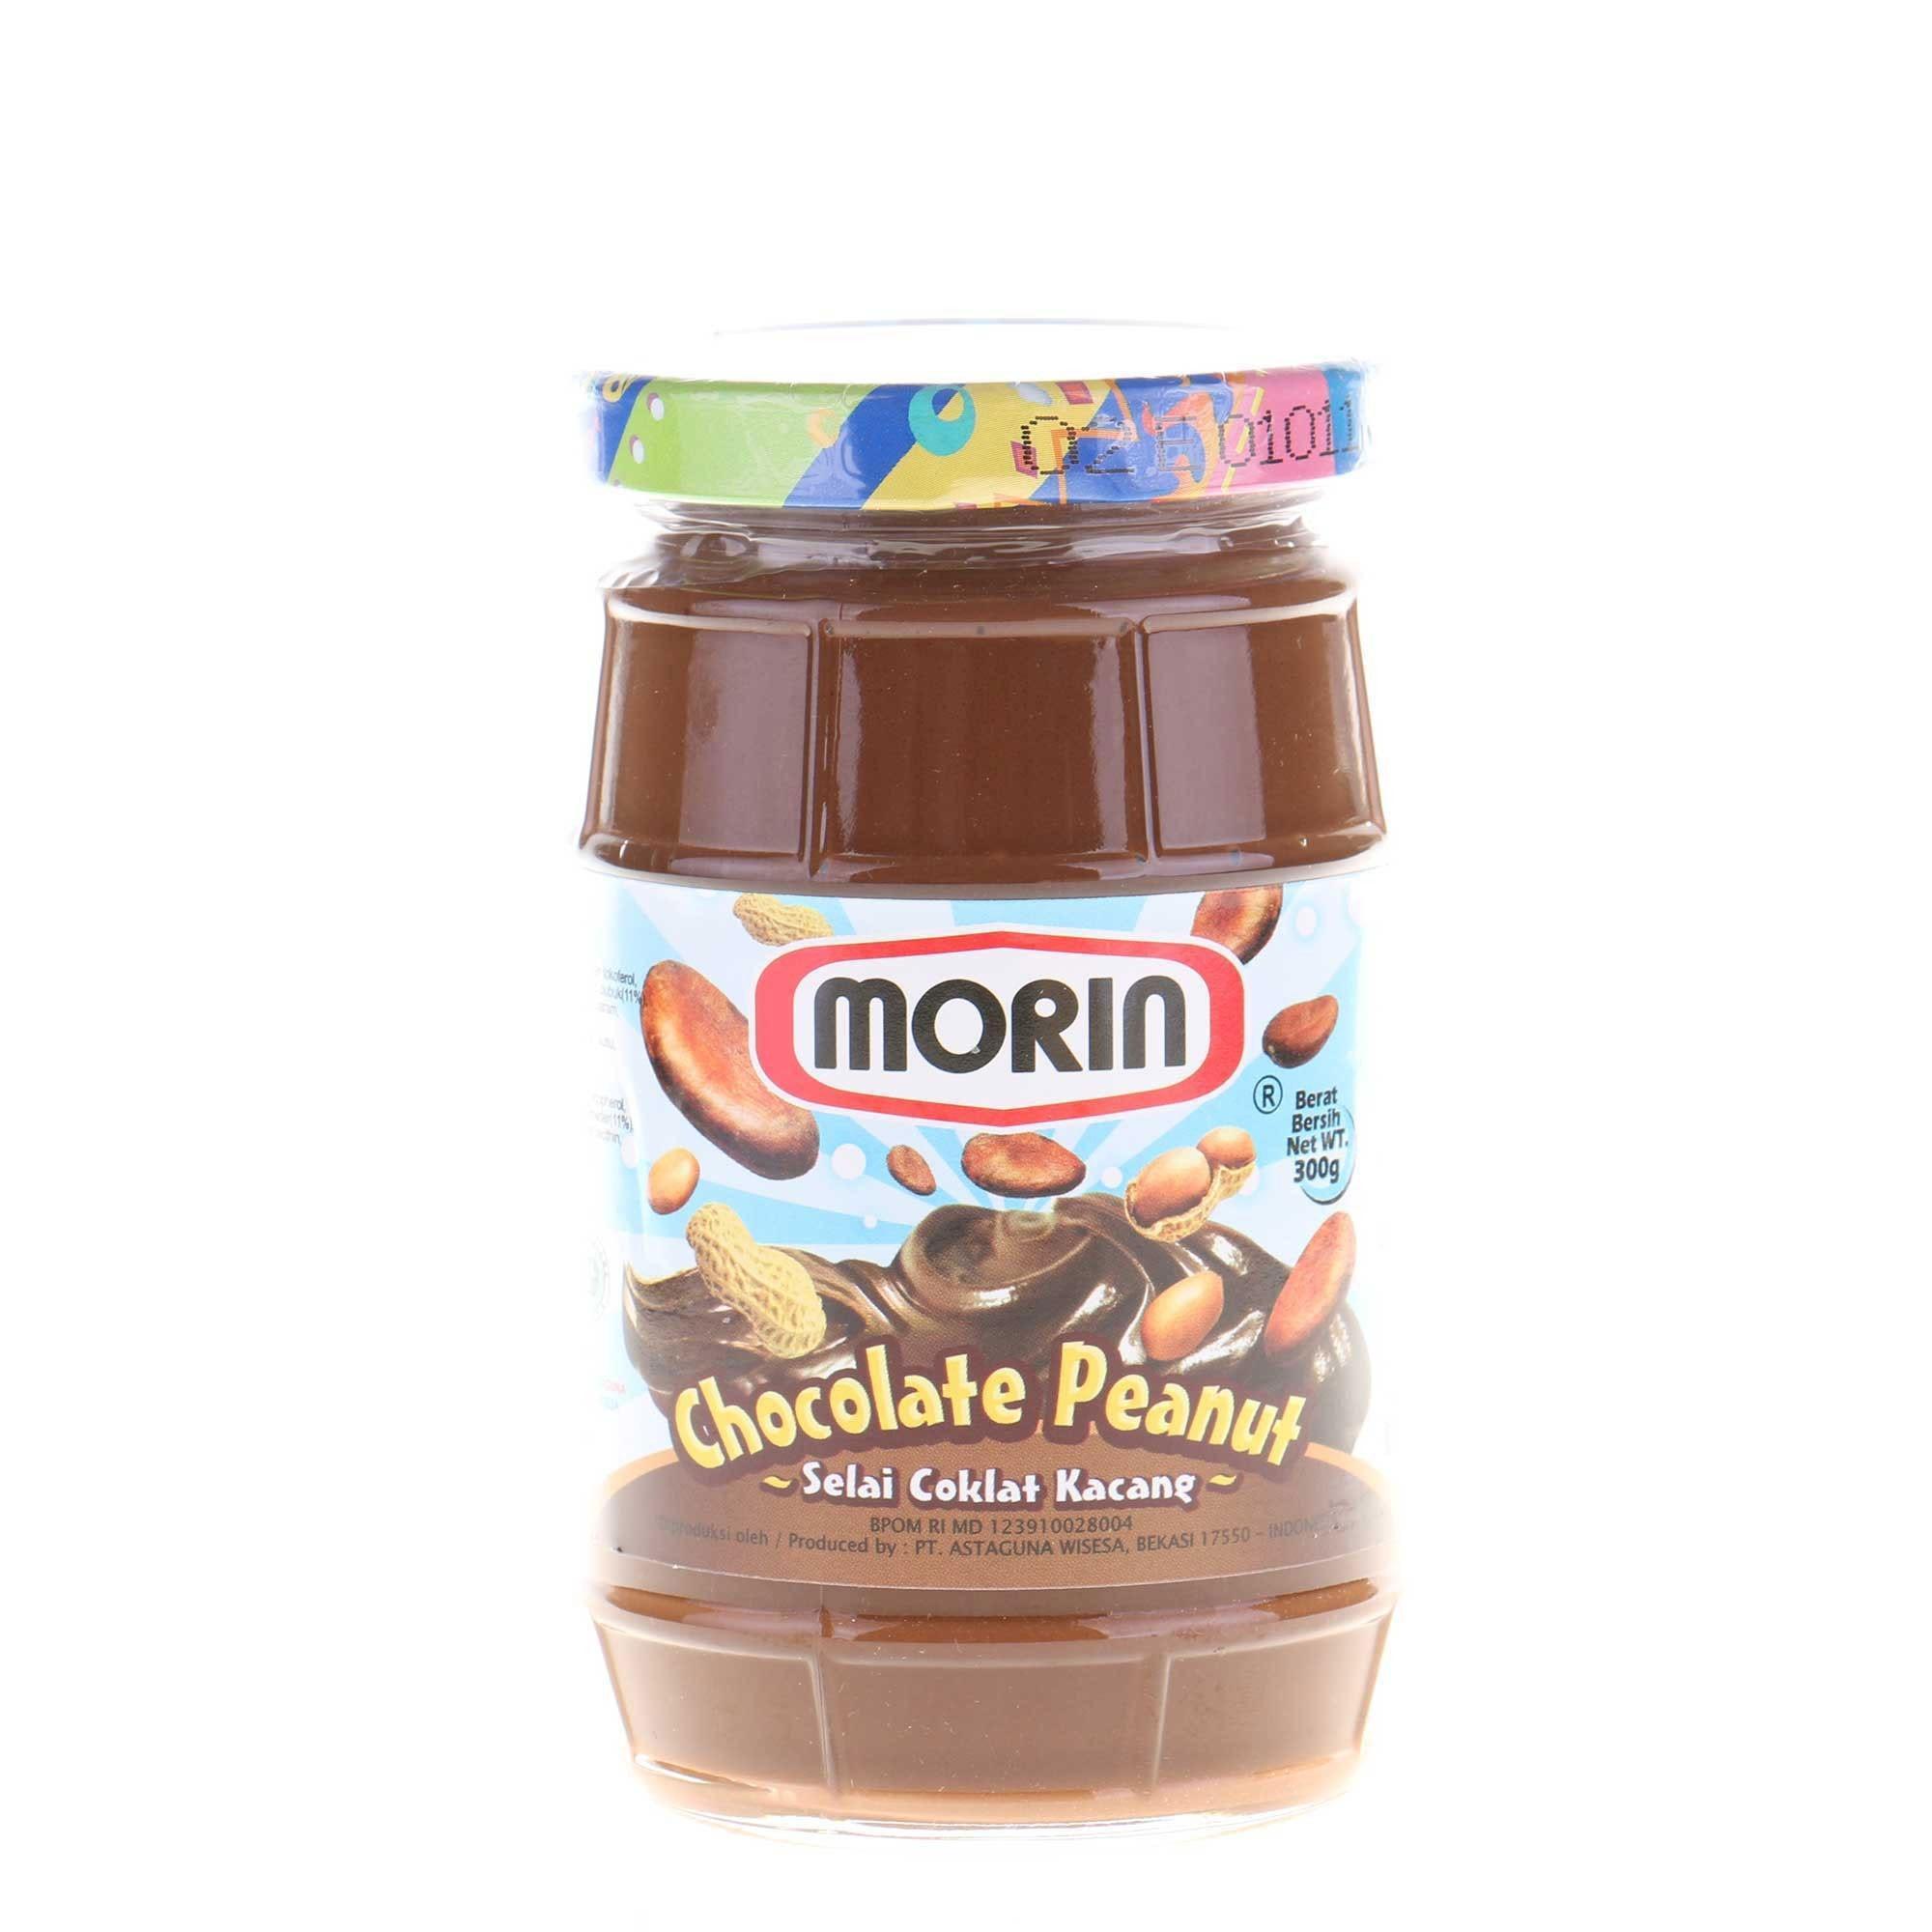 Morin Selai Coklat Kacang 300G